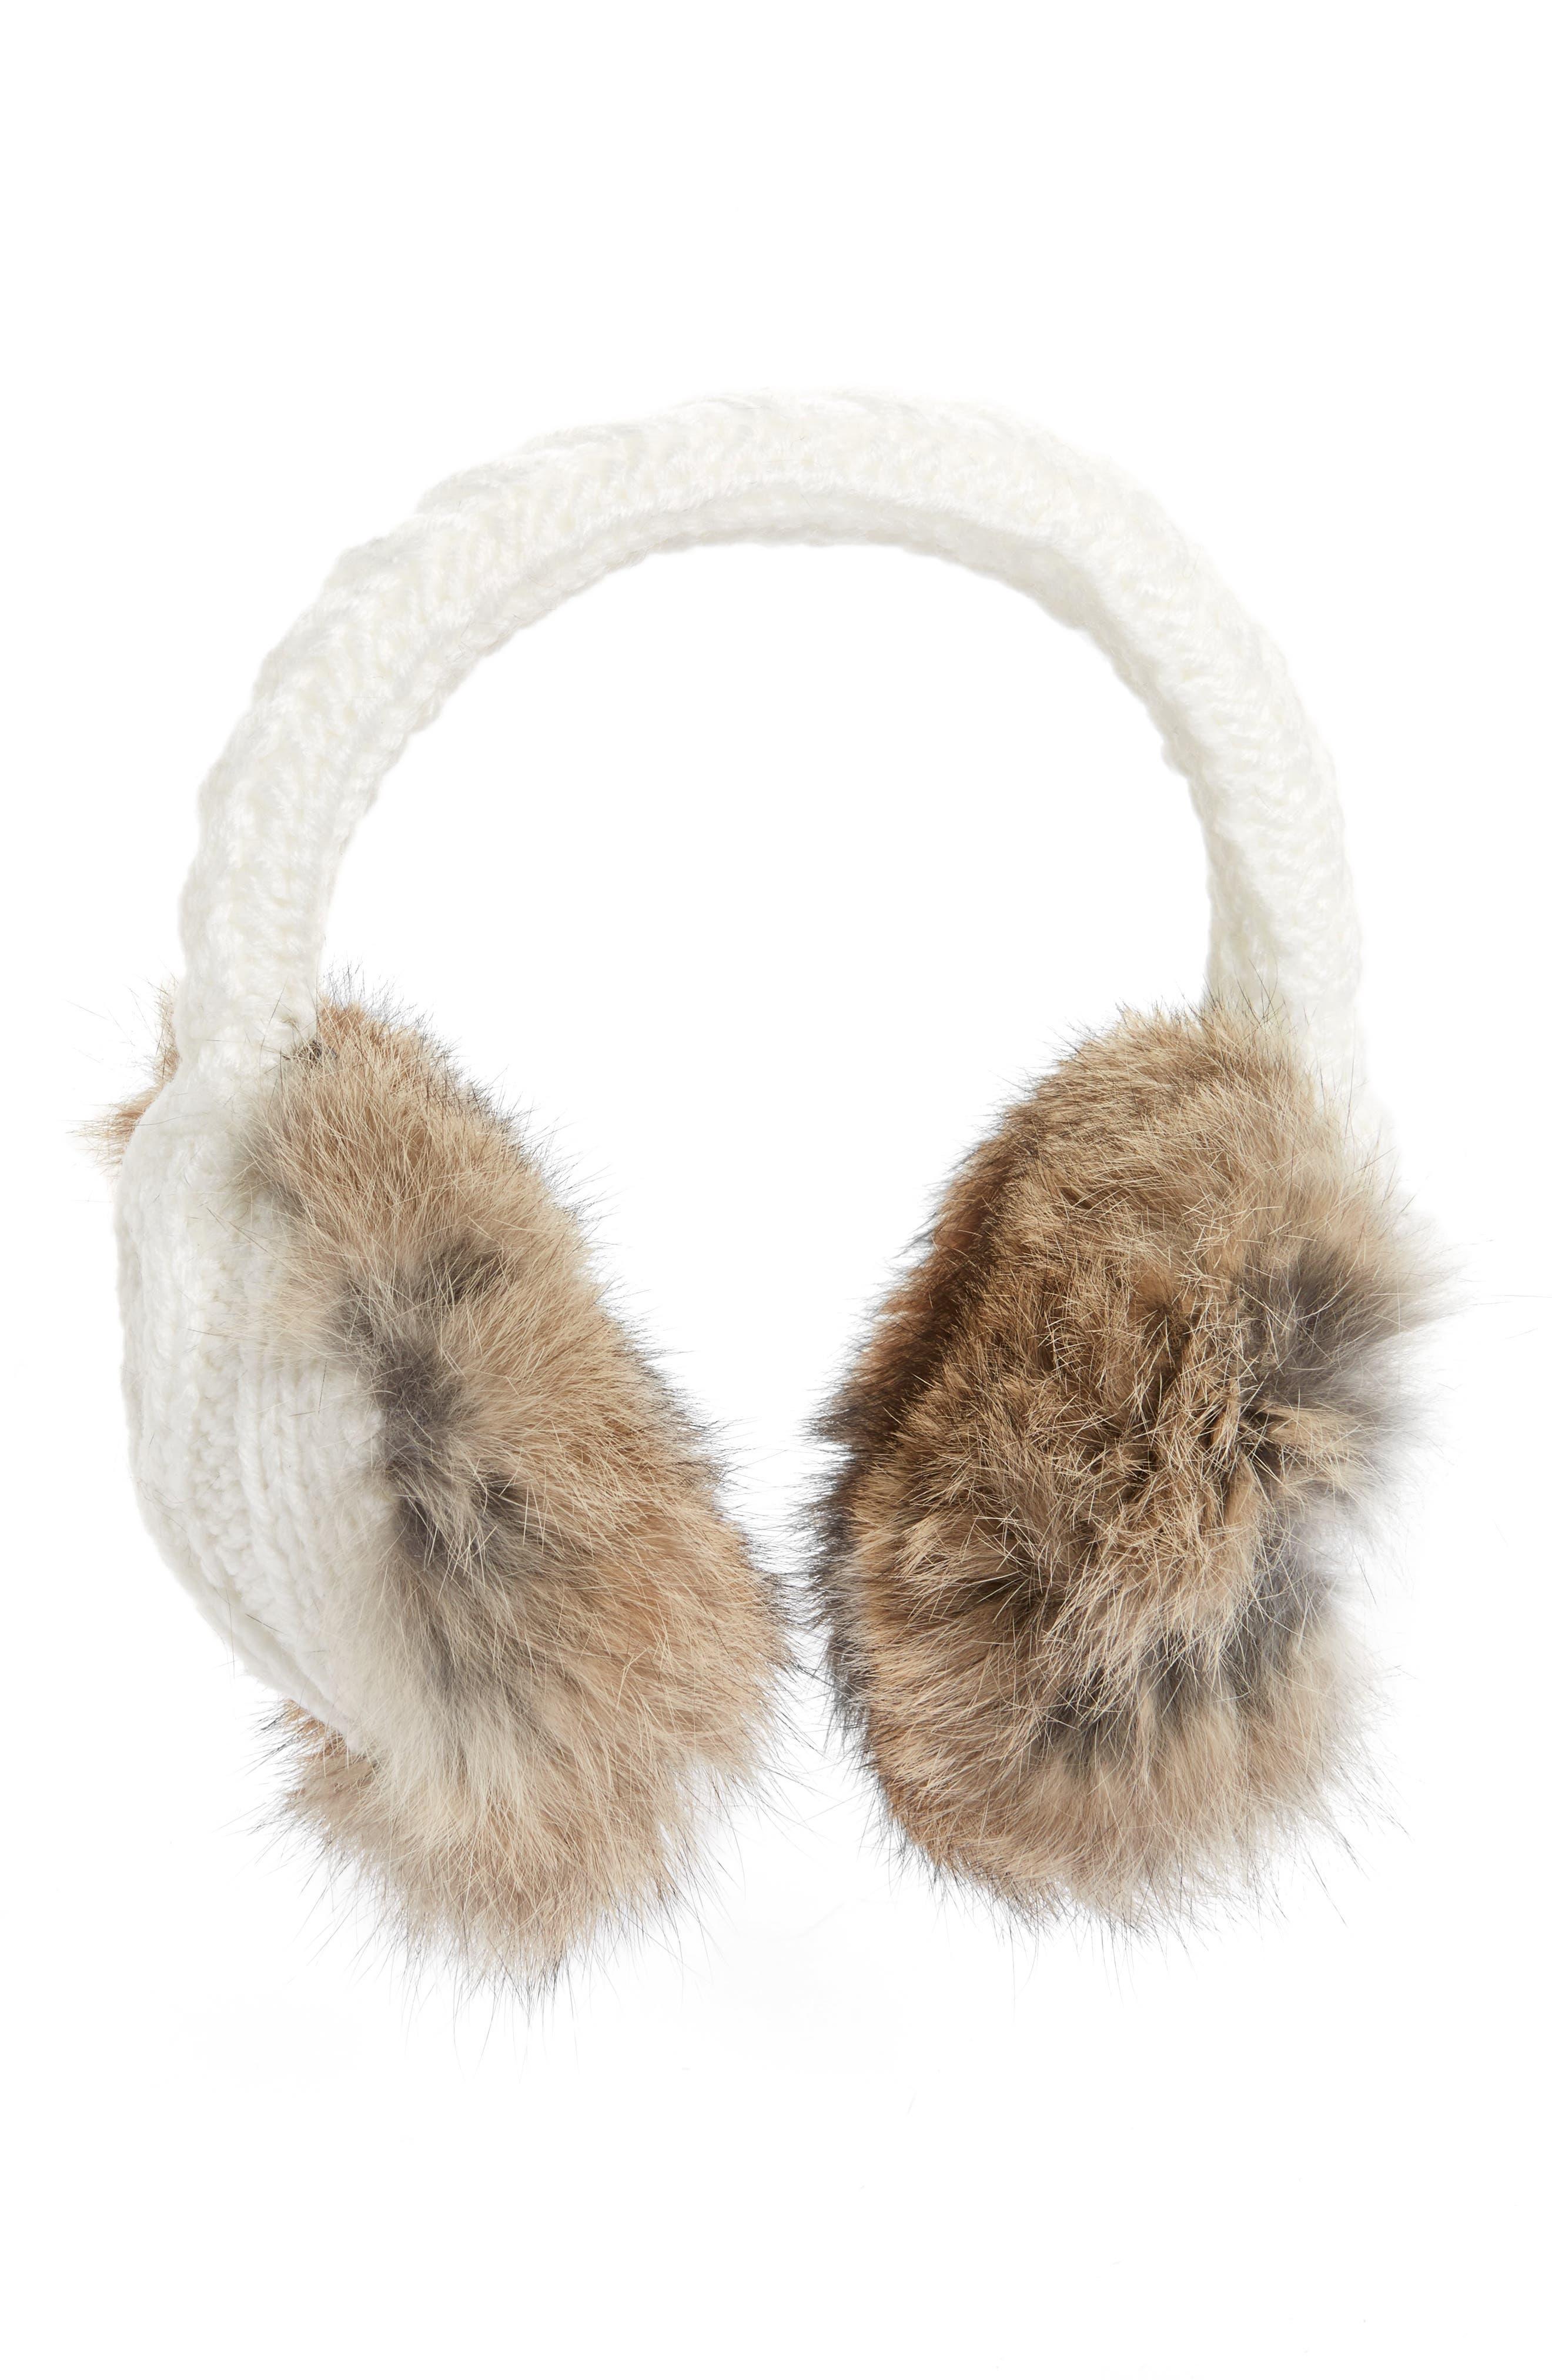 Vincent Pradier Genuine Rabbit Fur & Cable Knit Earmuffs